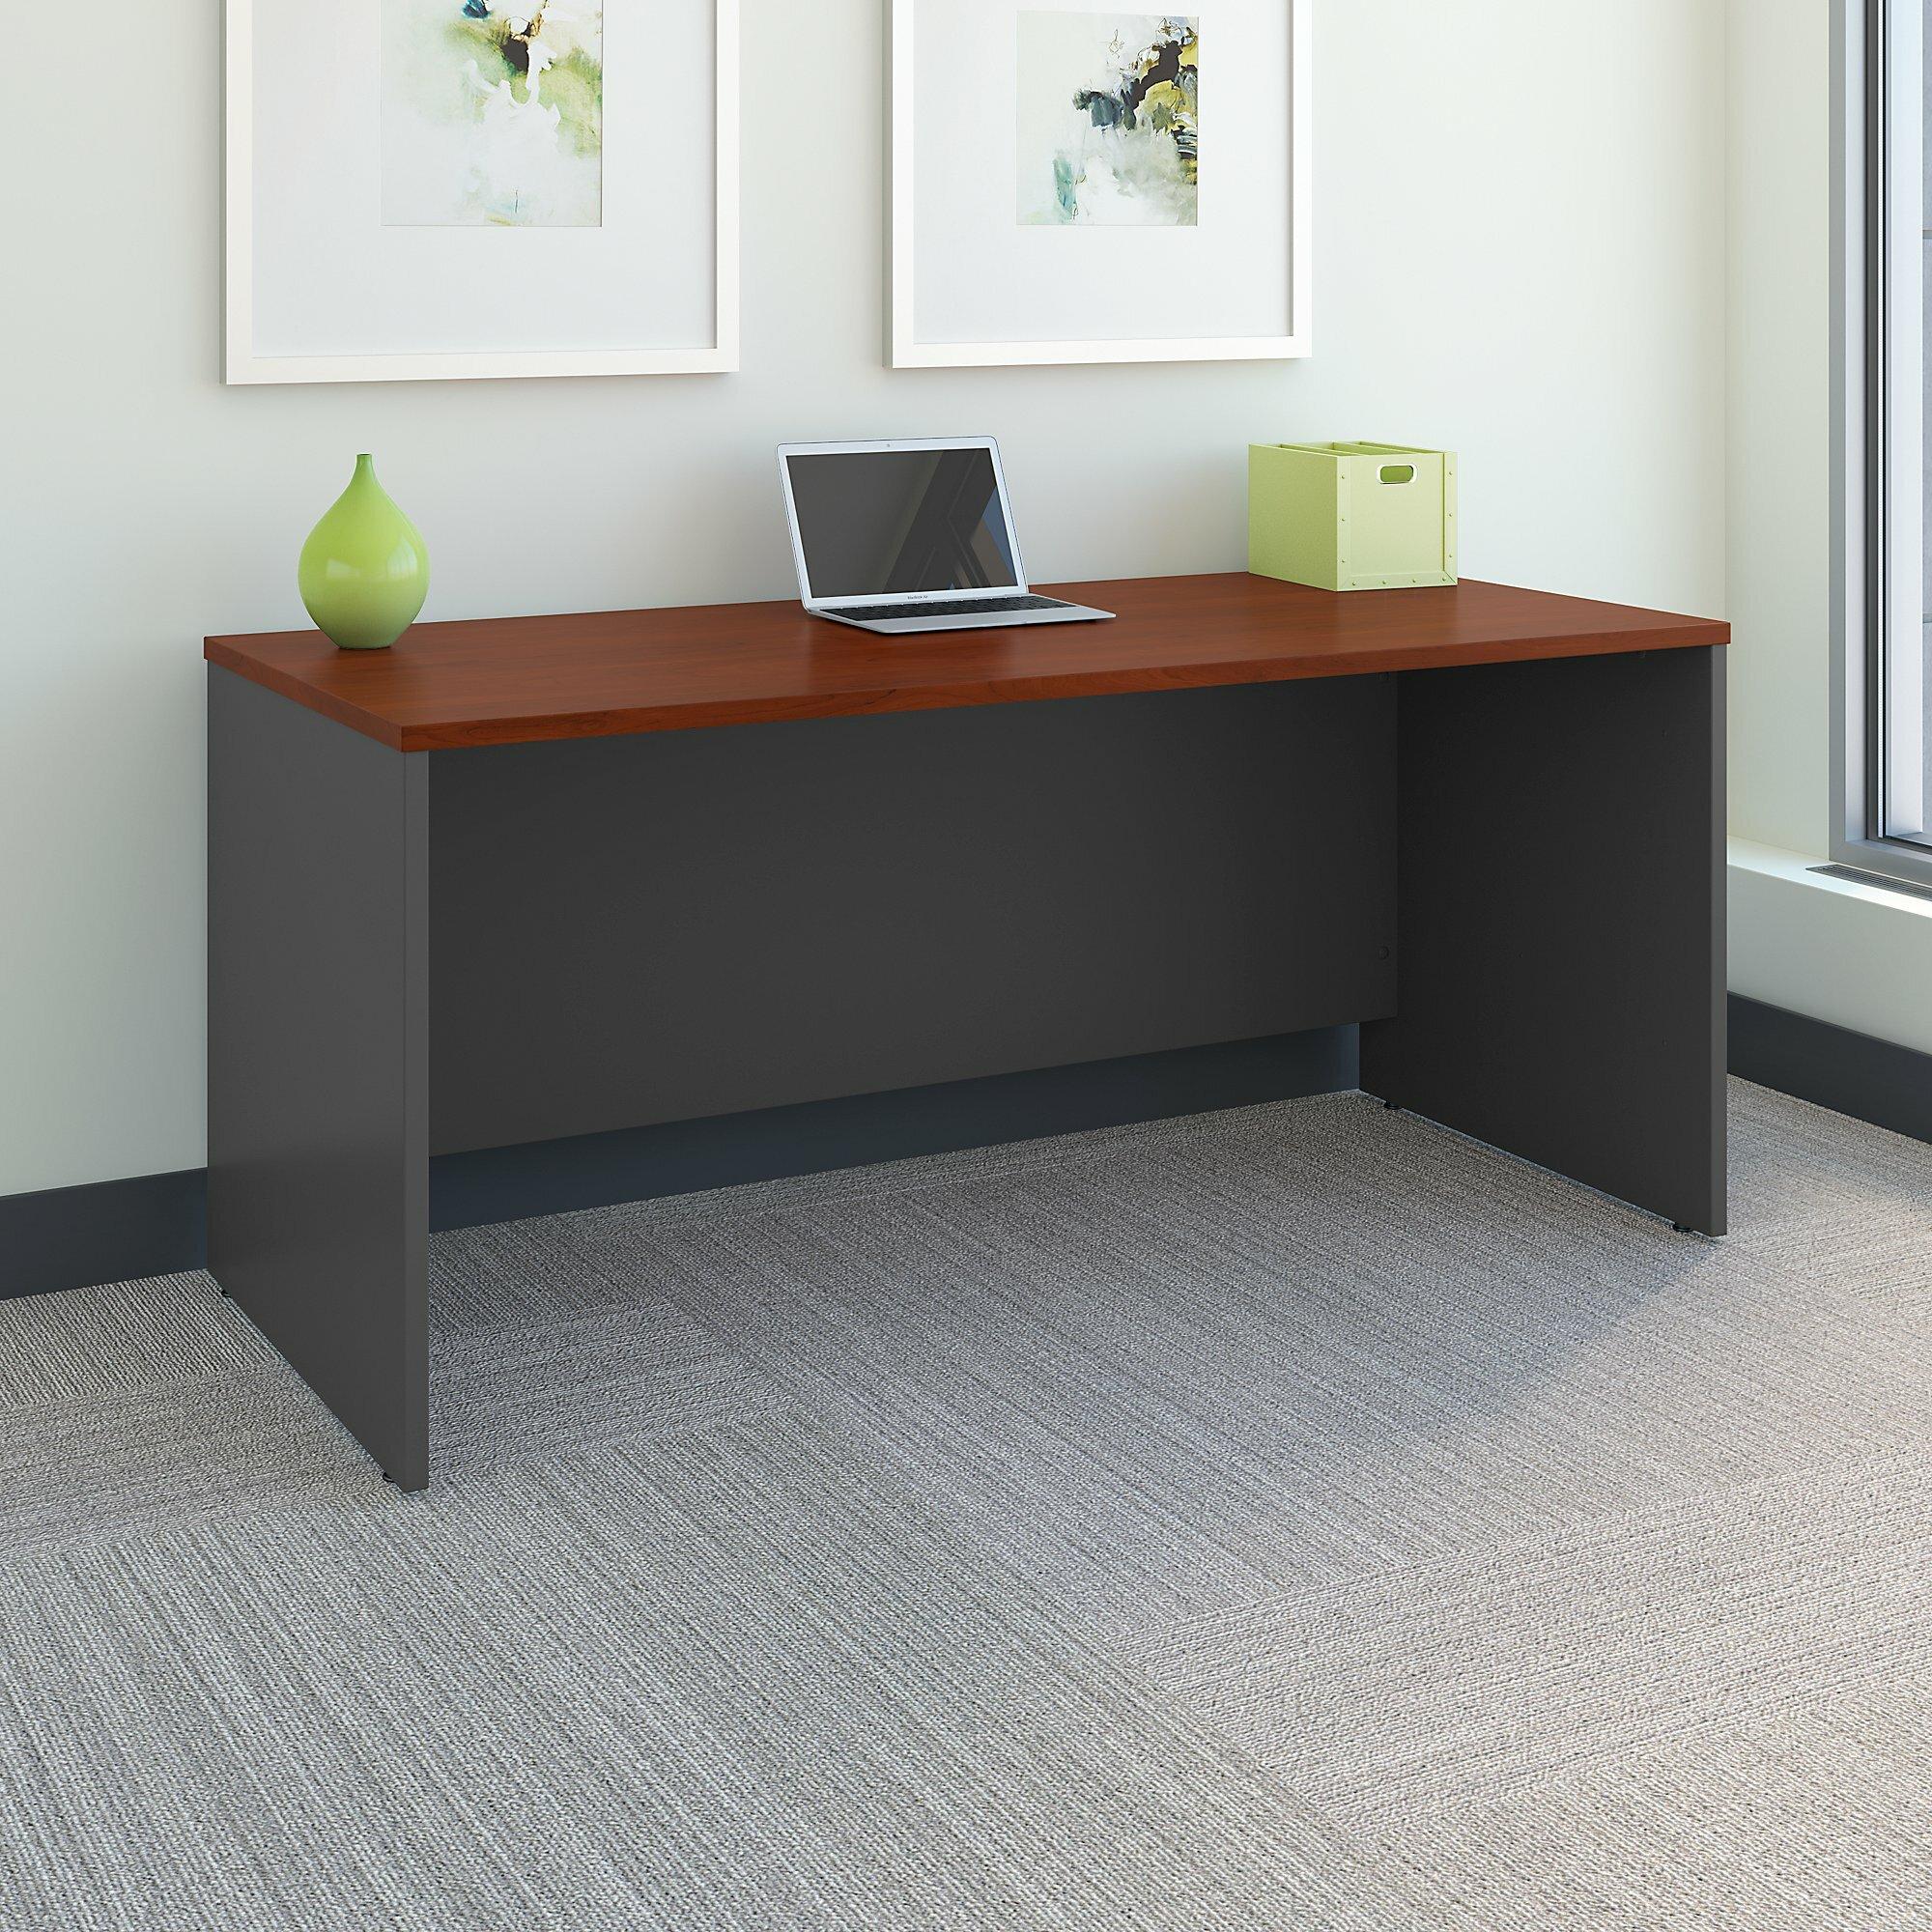 series c 66w x 30d office desk rh wayfair com